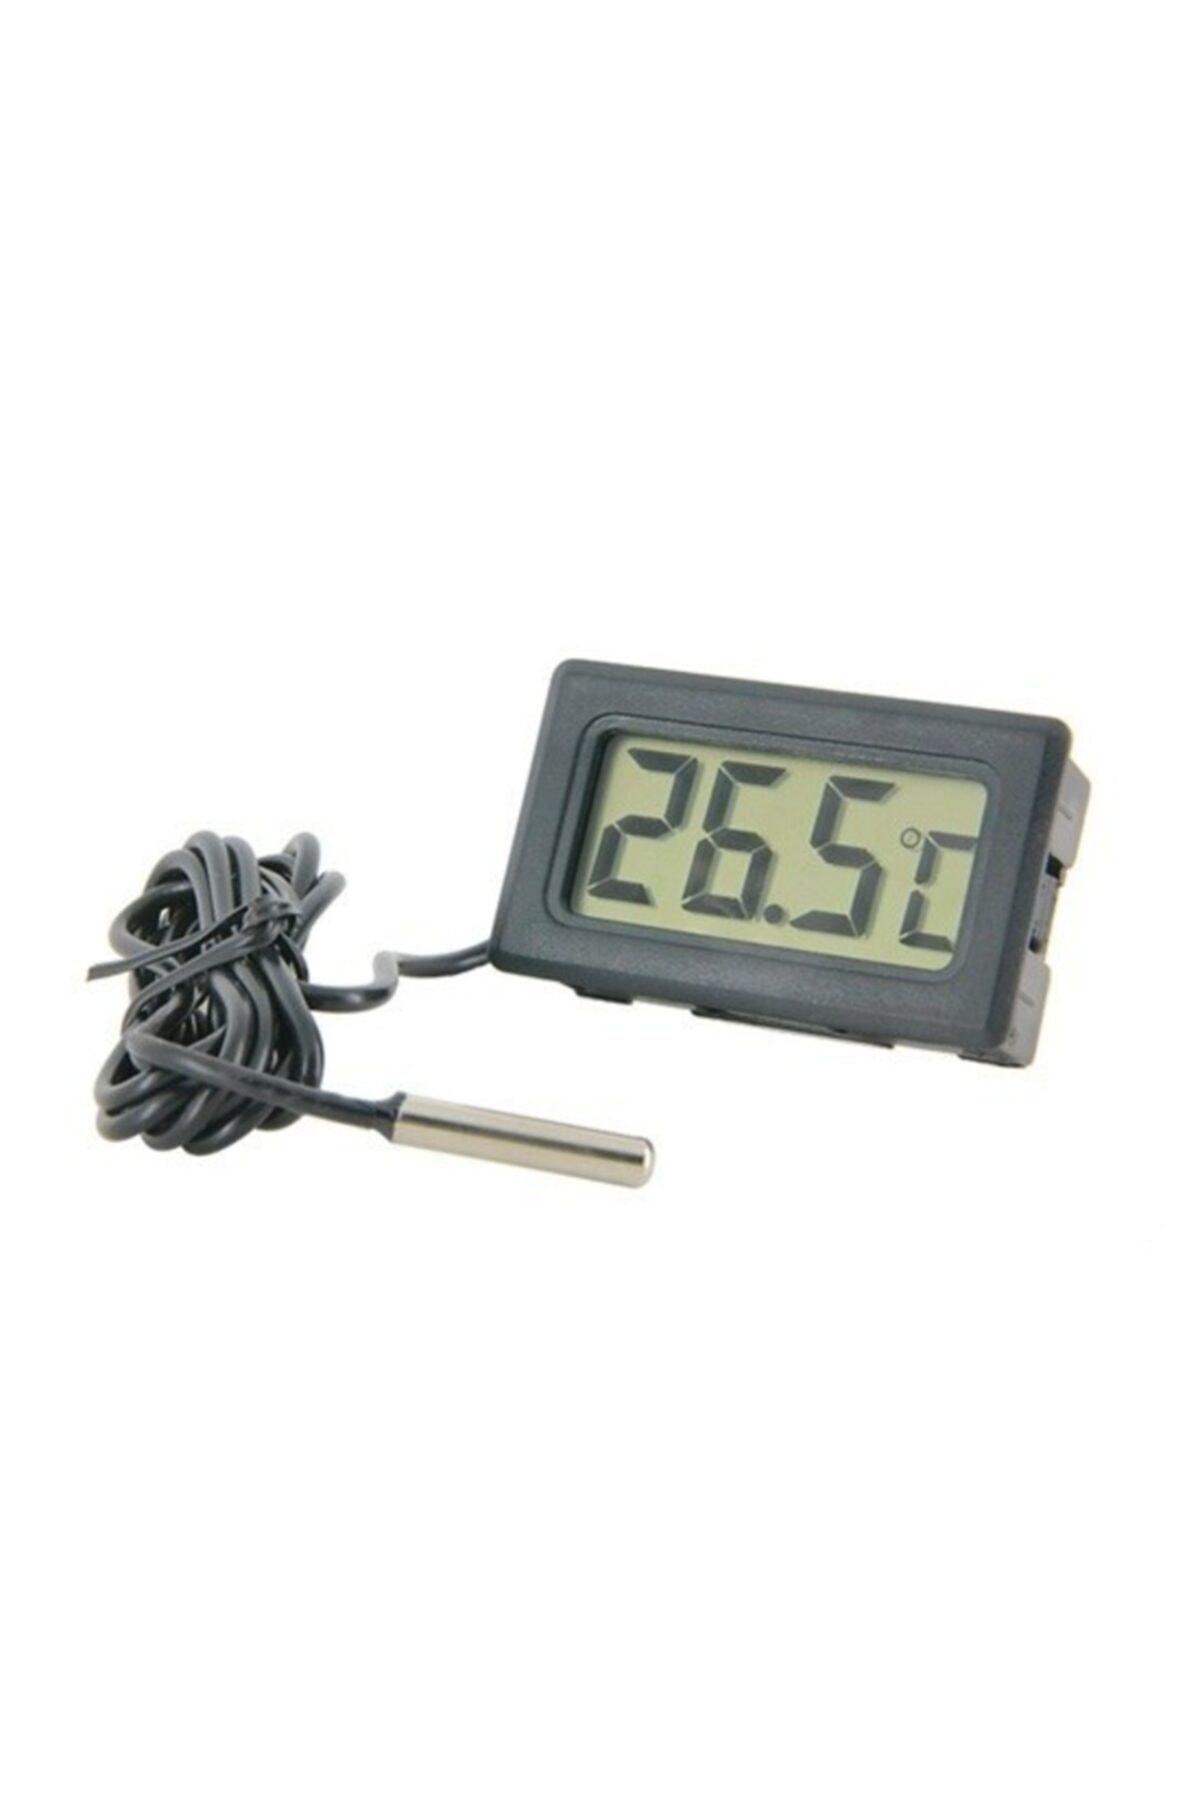 Arduino Dijital Problu Termometre Lcd Mutfak Iç Dış Mekan Kuluçka Sıcaklık Ölçer Tpm 10 Tpm10 1